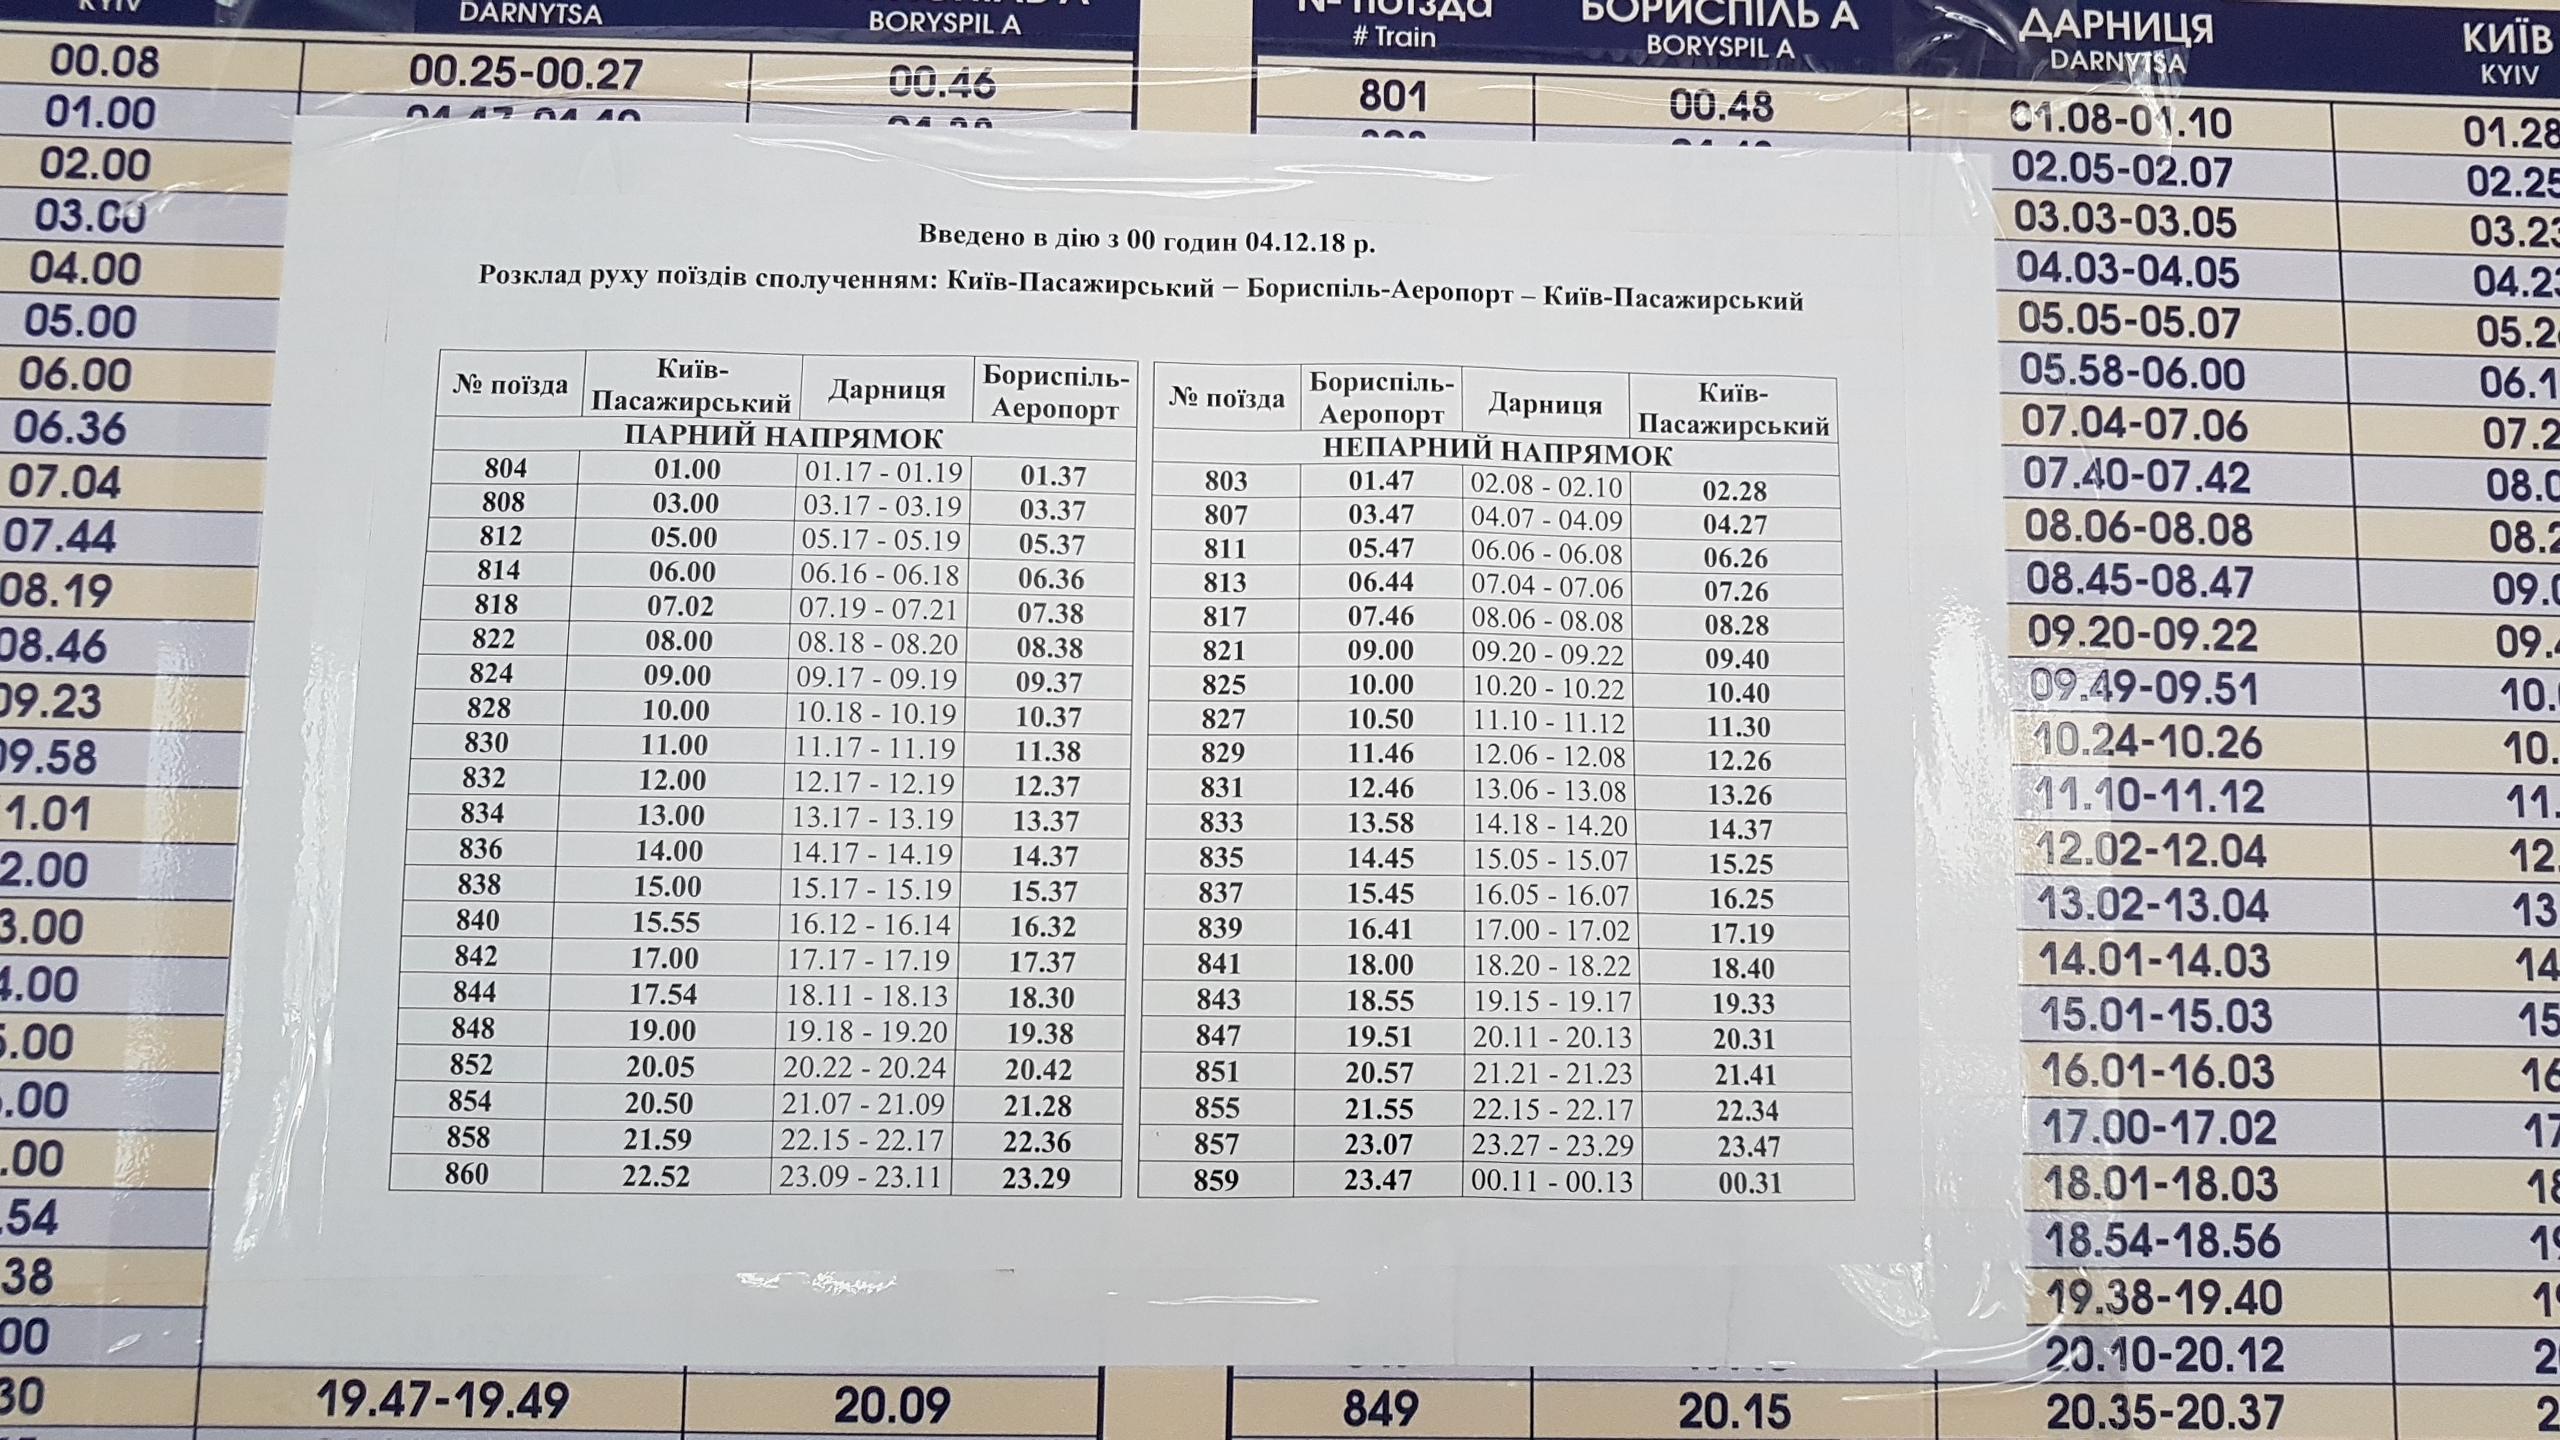 Новое расписание поездов с 4 декабря 2018 года